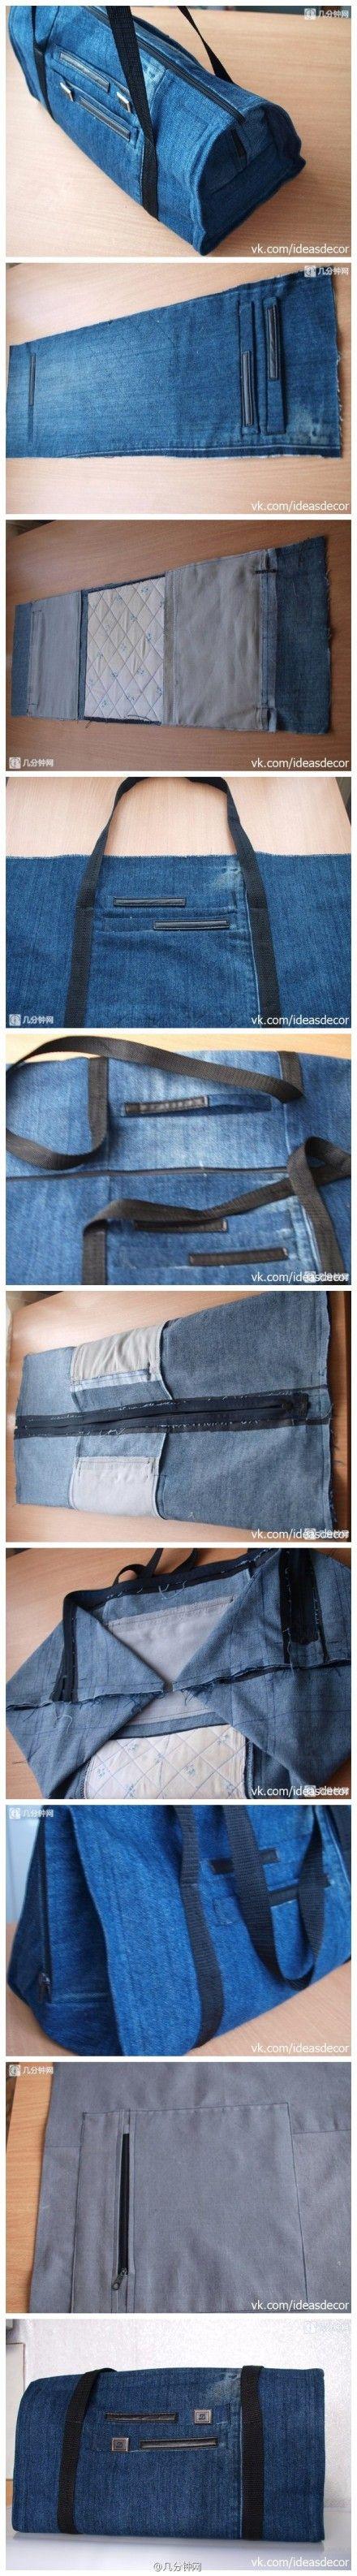 Pantalones vaqueros de los bolsos de Transformación, el efecto fantástico!!!